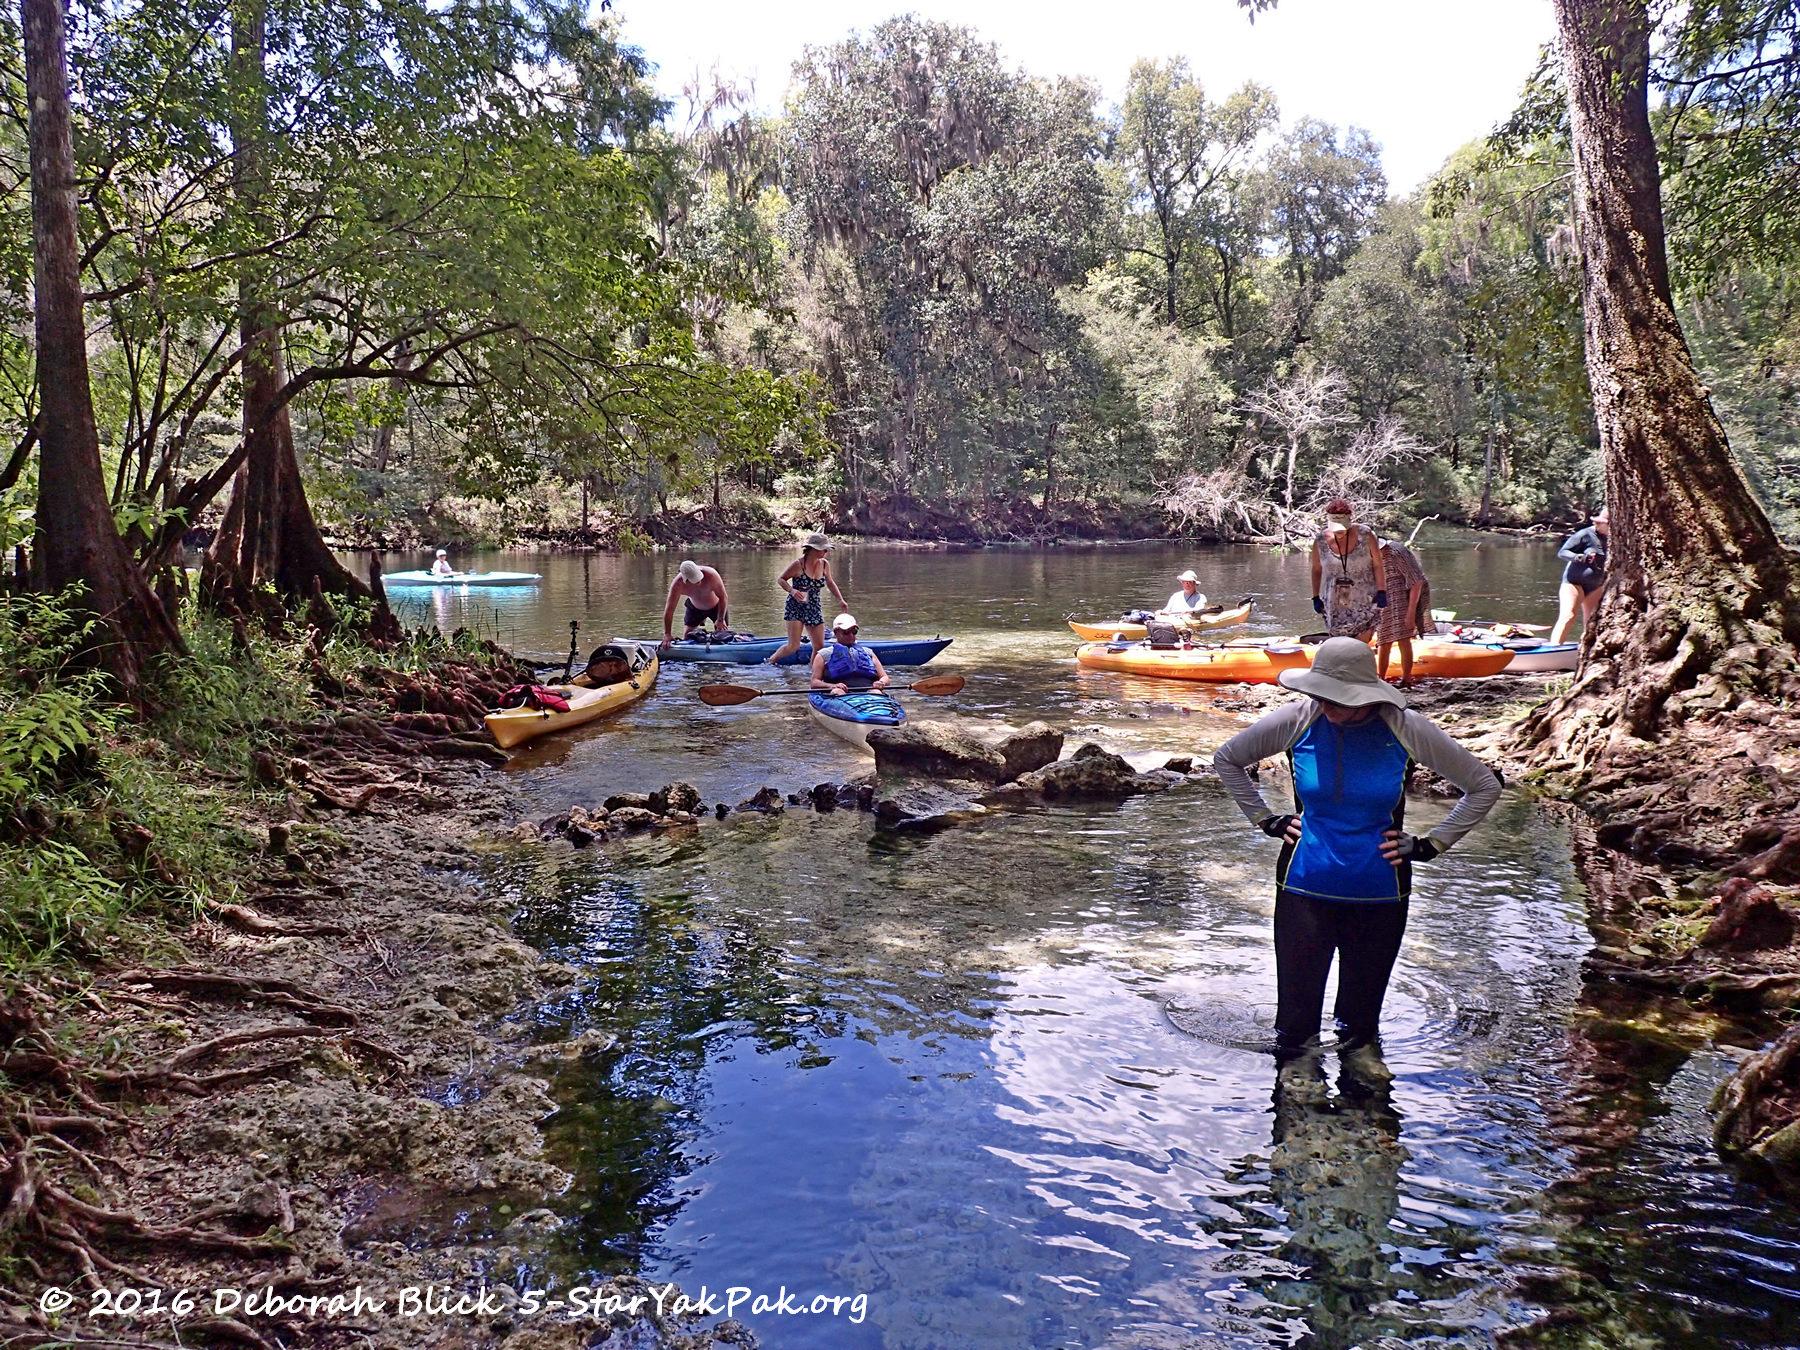 Santa Fe River - August 13, 2016 - 5-Star Yak Pak